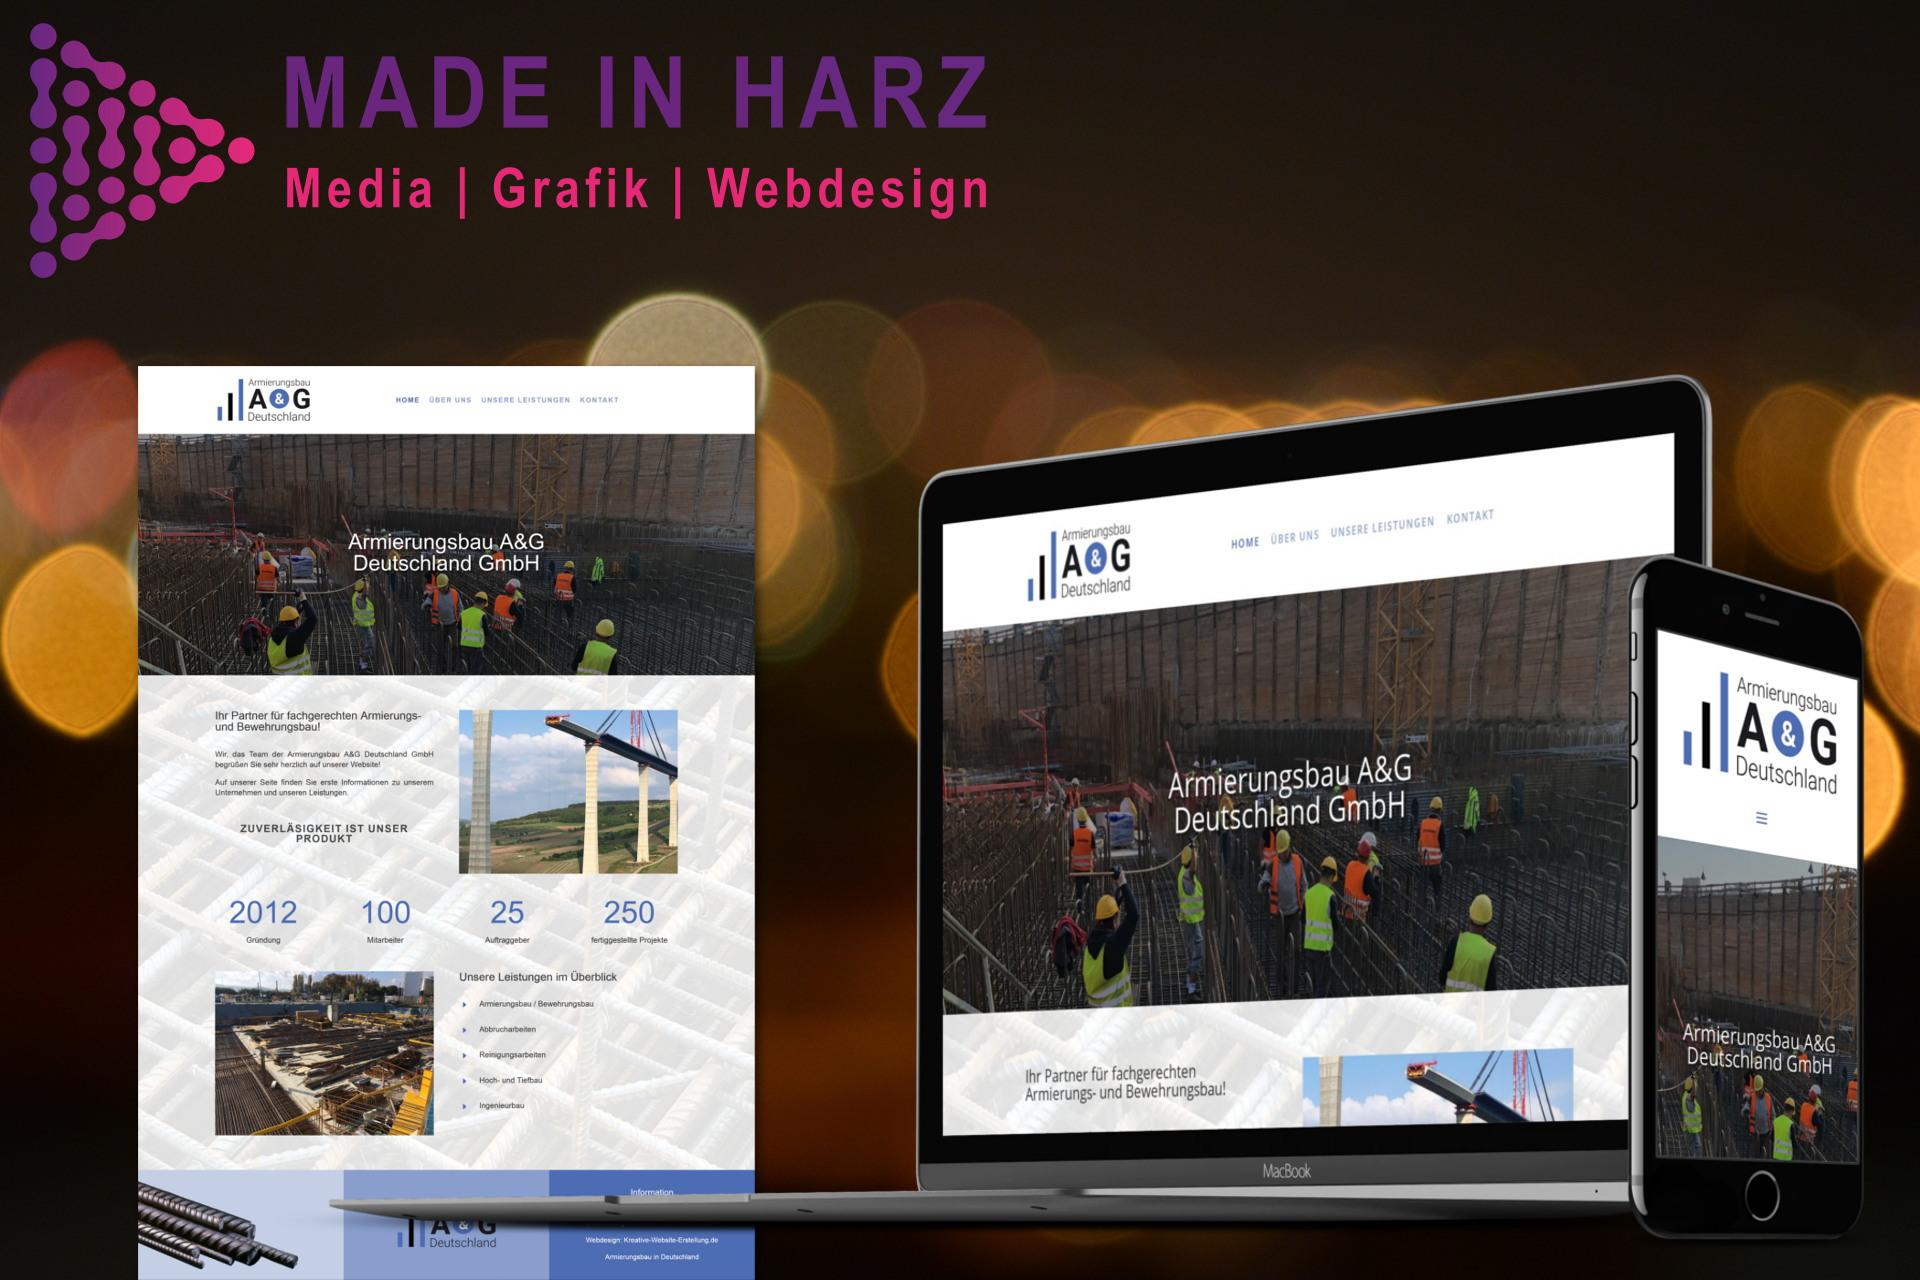 Webdesign Logodesign Armierungsbau A&G Deutschland